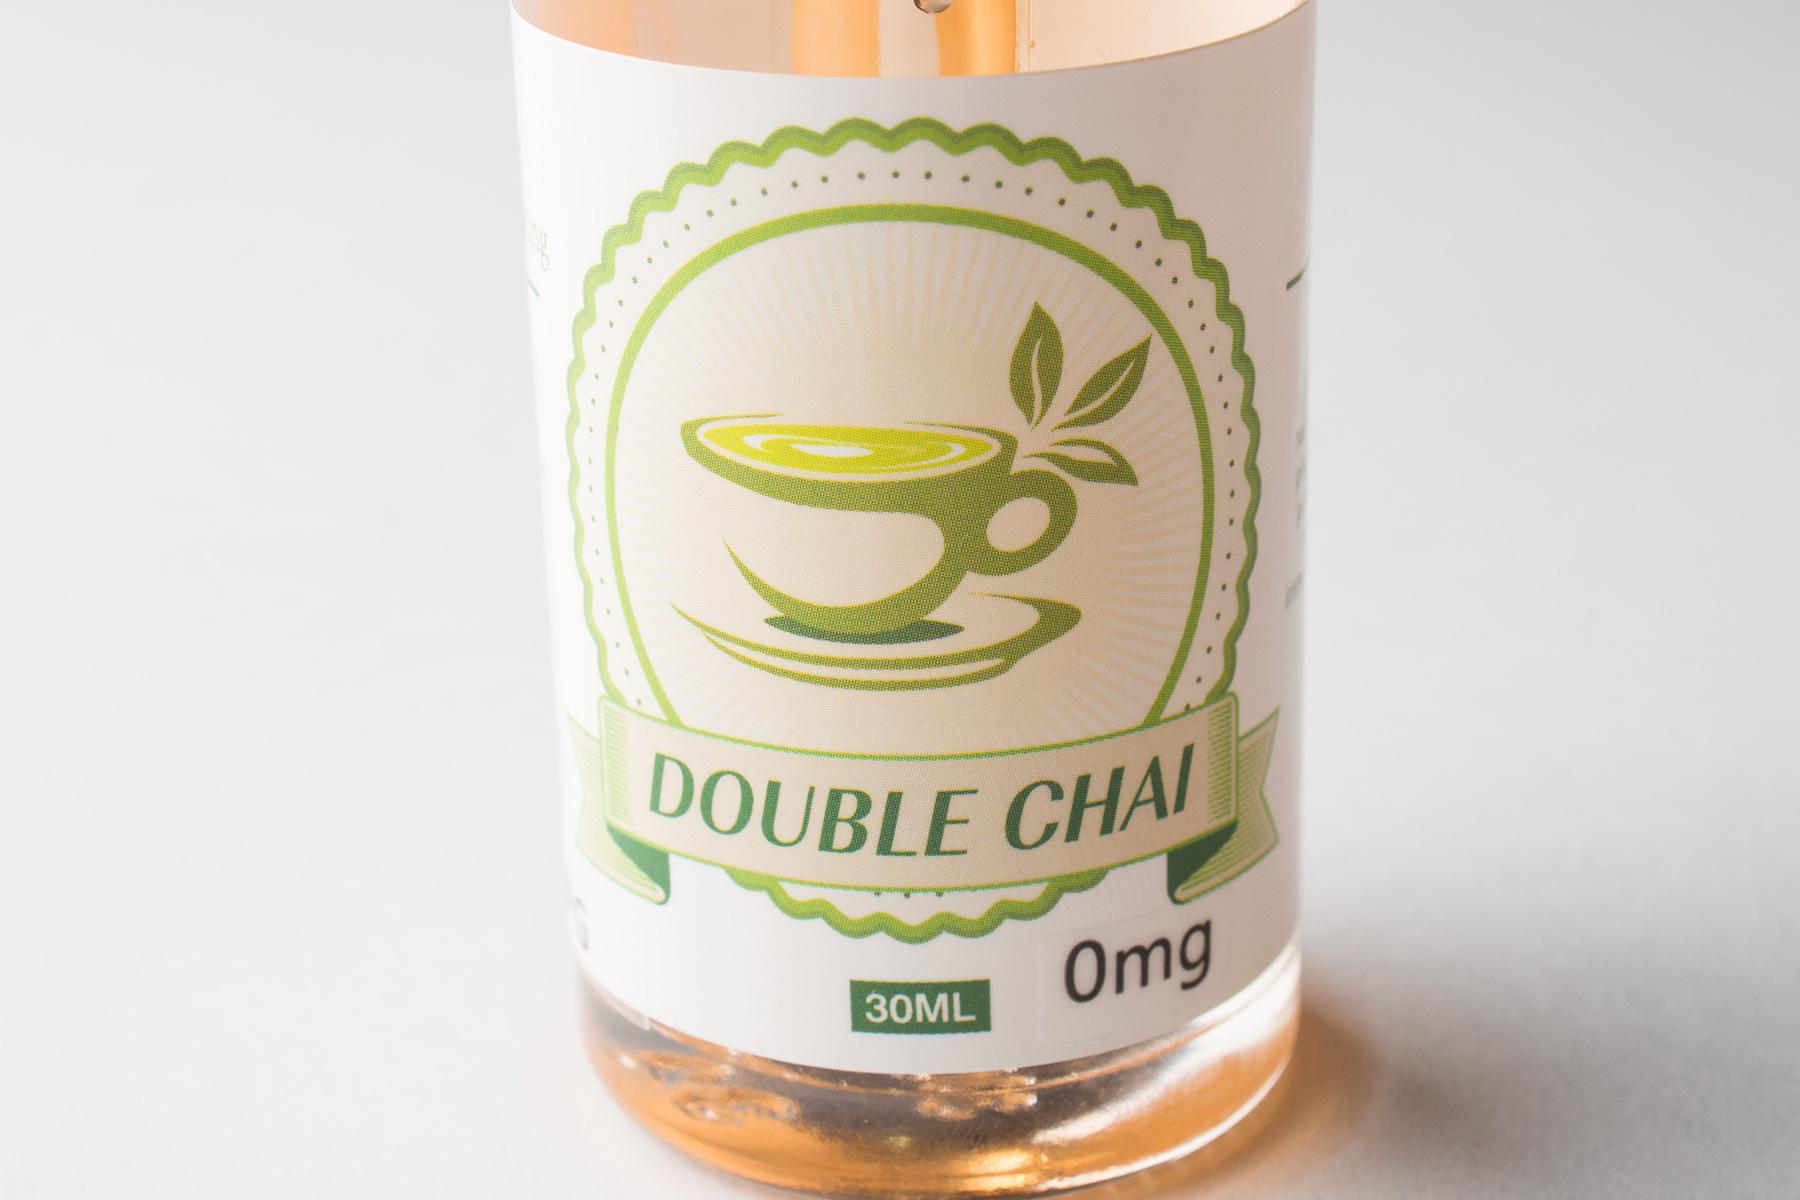 【リキッド】Double chai「ダブルチャイ」 (HiLIQ Premium/ハイリクプレミアム) レビュー